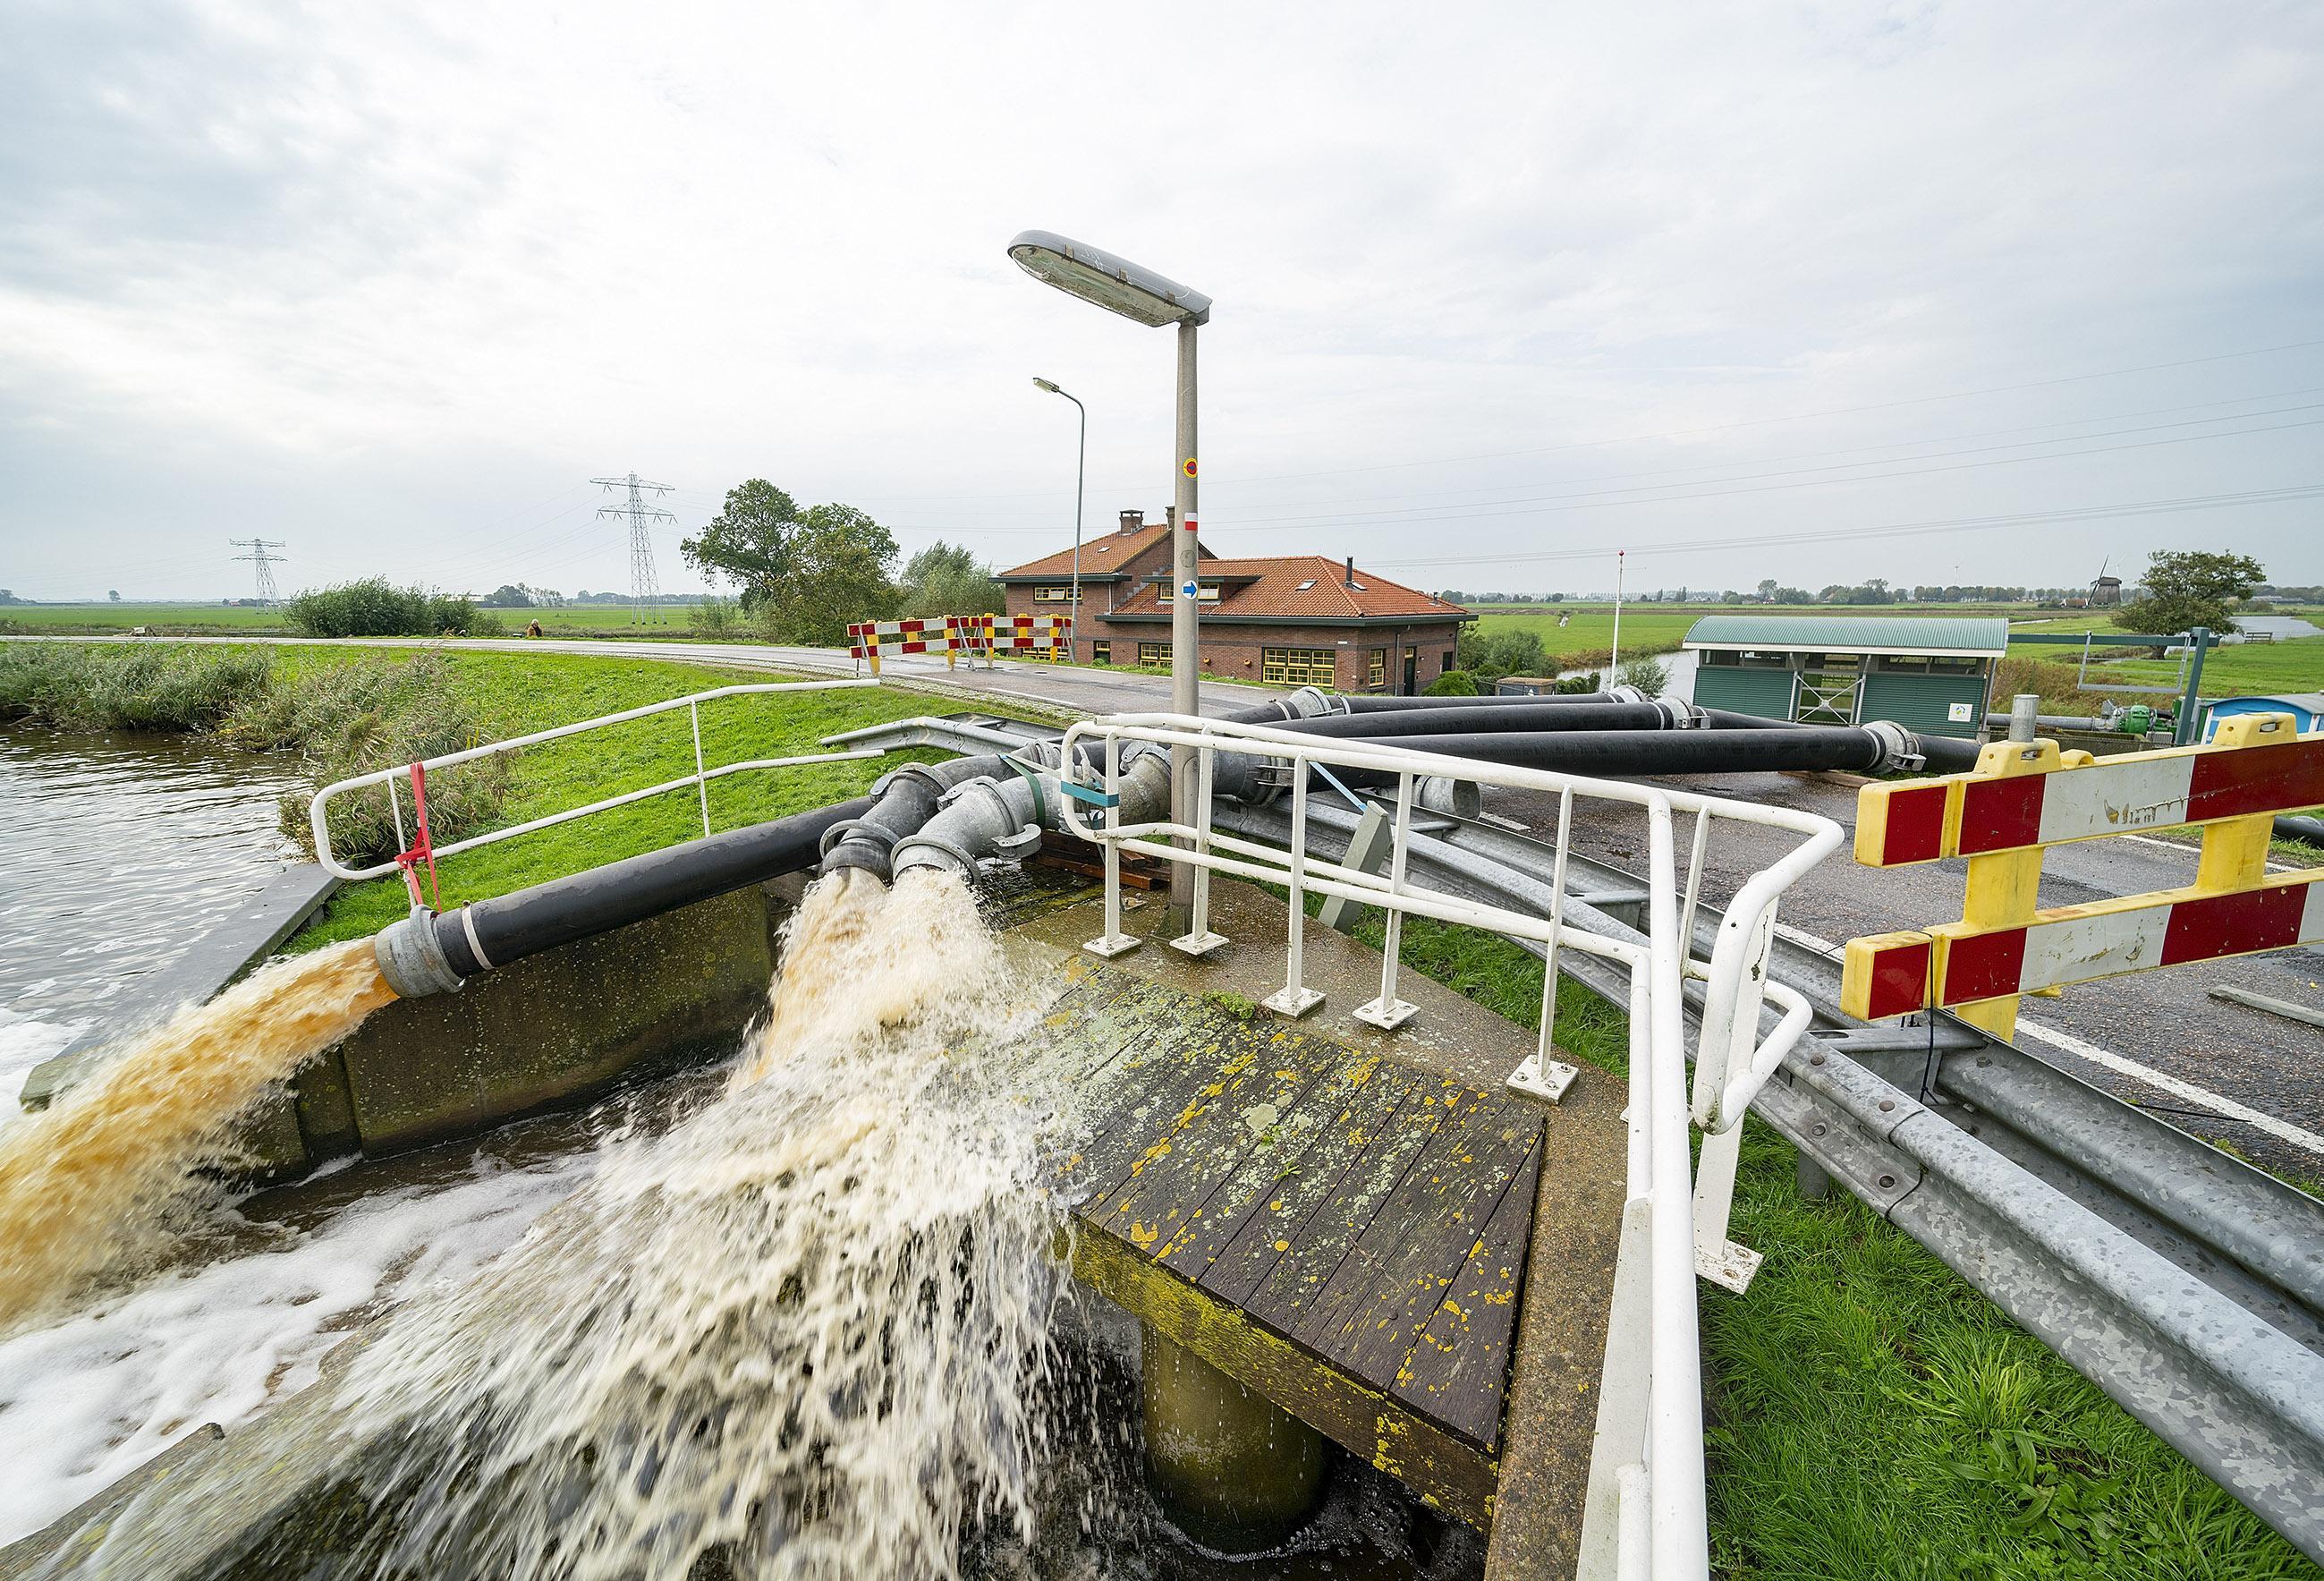 Op hoofdkantoor van waterschap in Heerhugowaard is er elke dag crisisoverleg vanwege wateroverlast in Noord-Holland